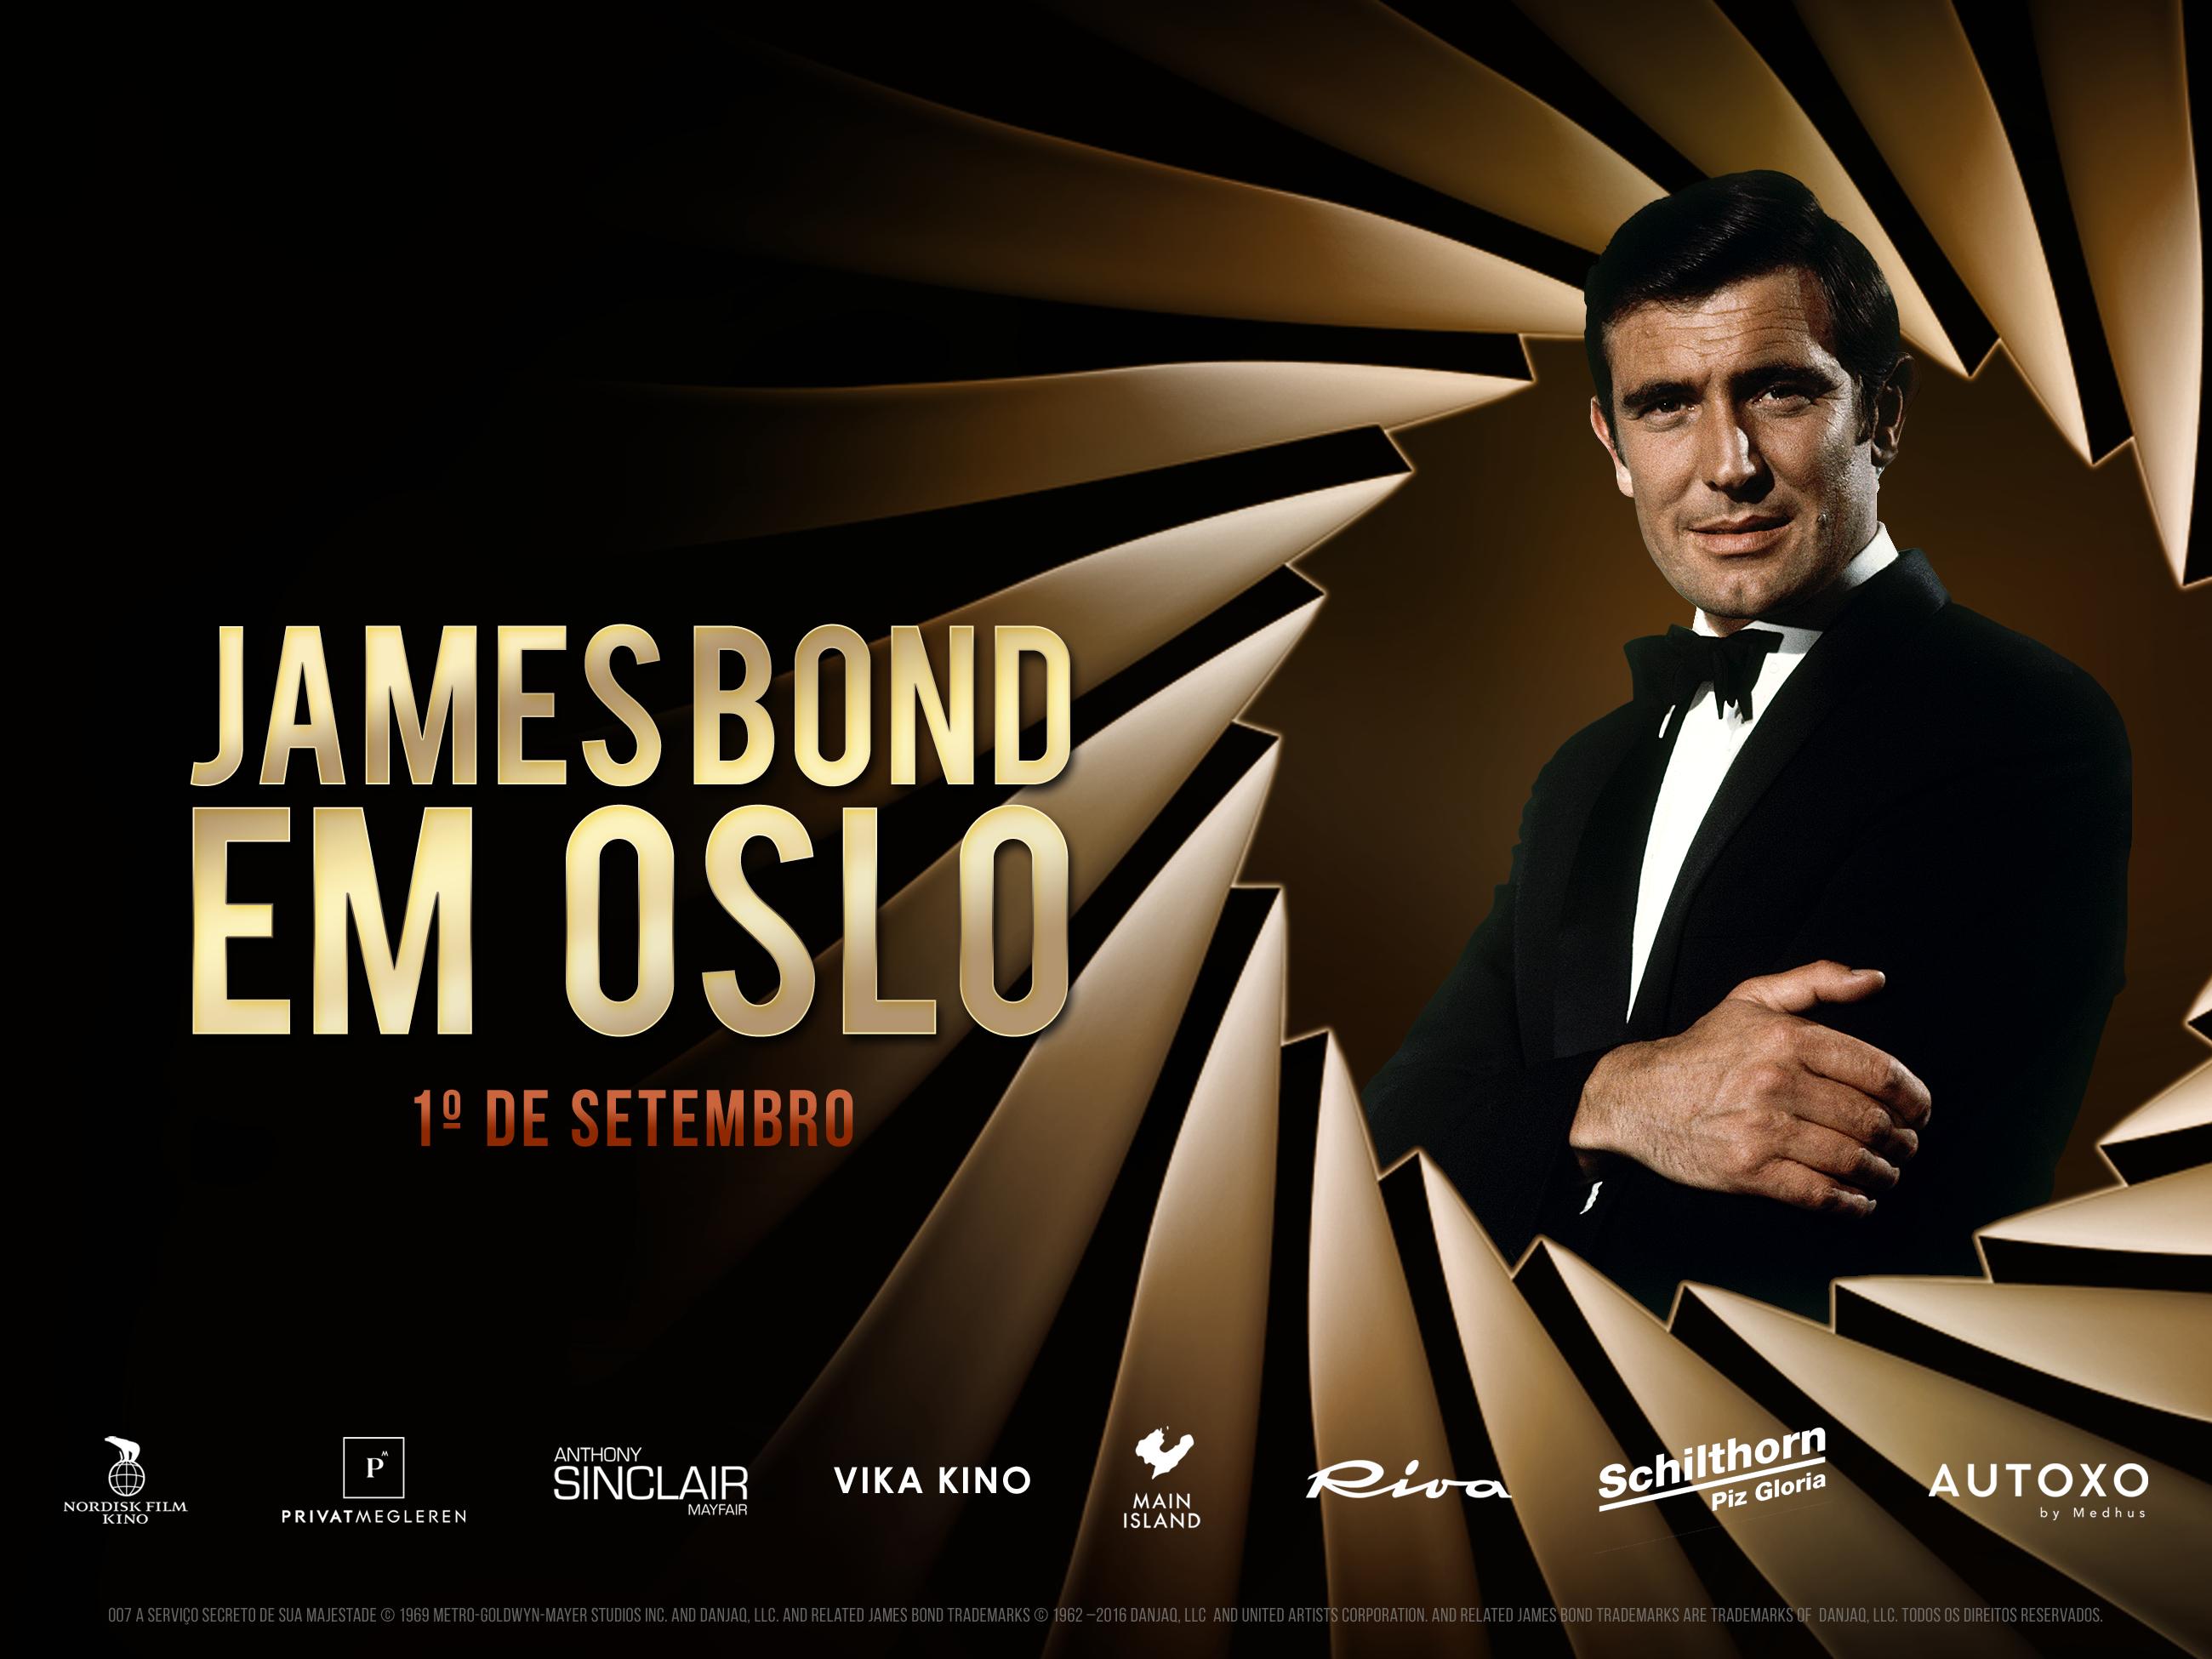 James-Bond-In-Oslo_PT_Quad